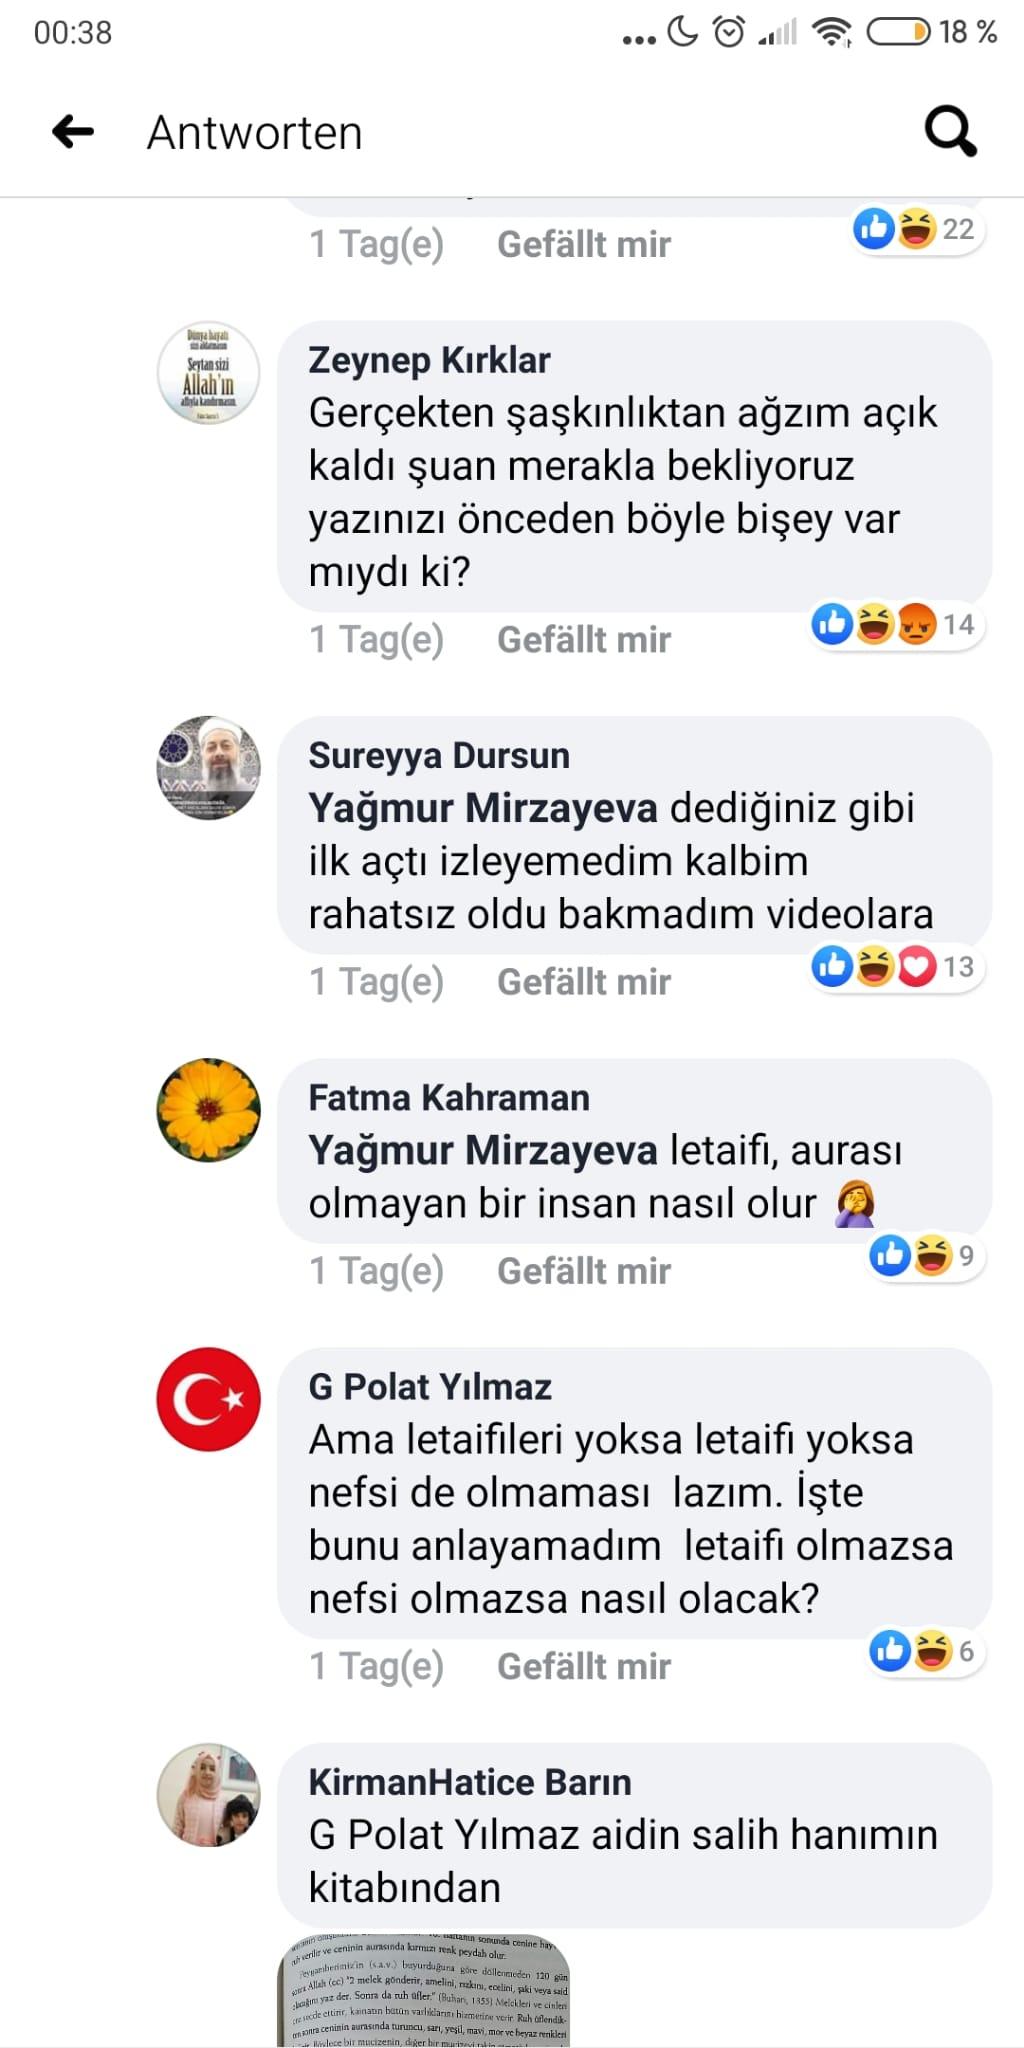 türk insanının zekadan korkması